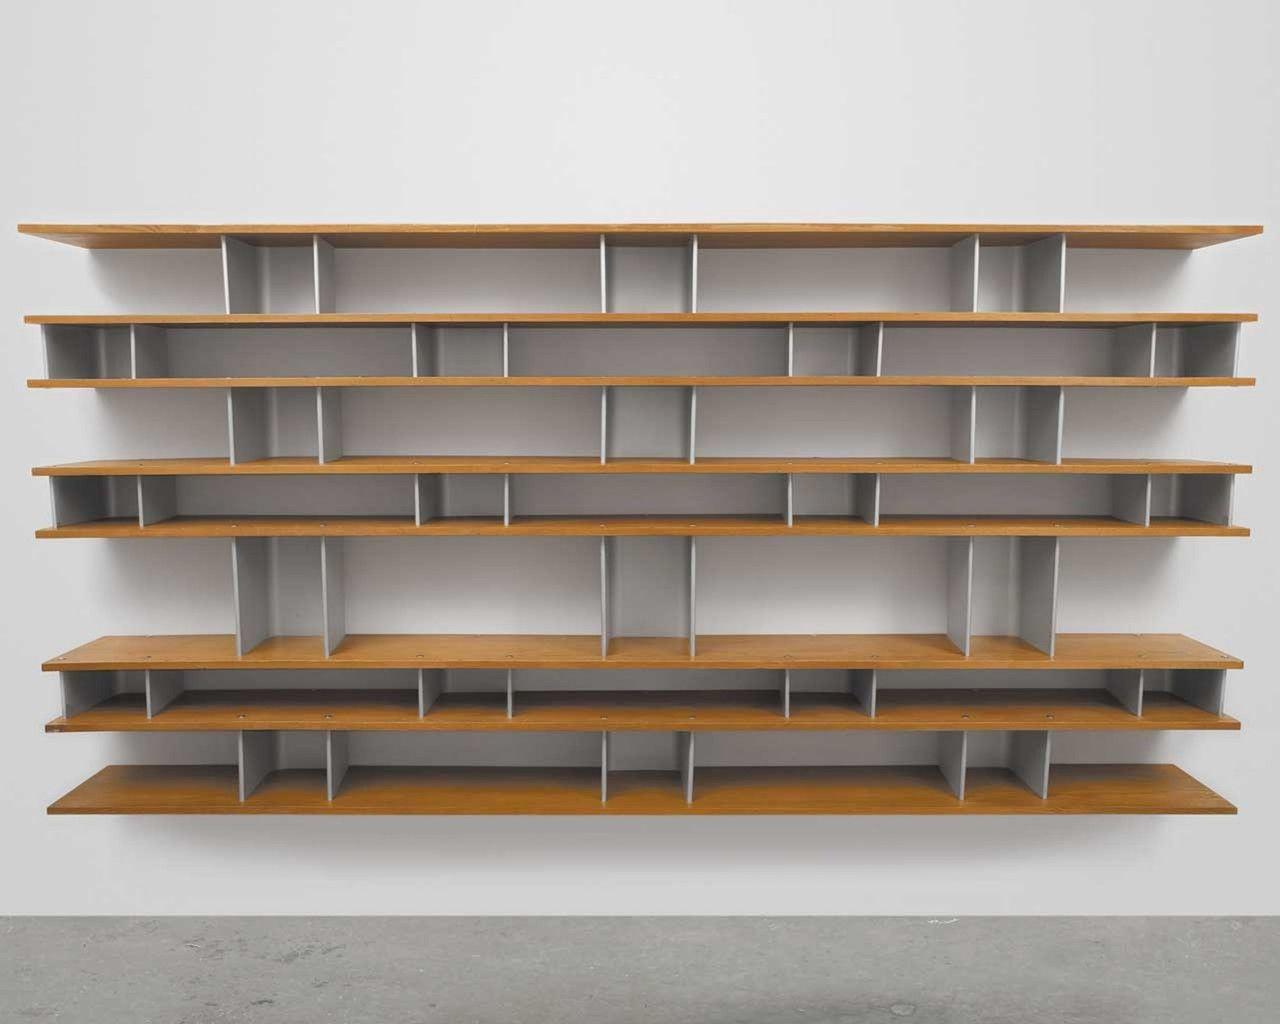 Cool Bookshelves Target Insight Inspiring Corner Bookshelves Surprising Material Atmosphere Wall Mounted Bookshelves Ikea Floating Shelves Kitchen Wall Shelves